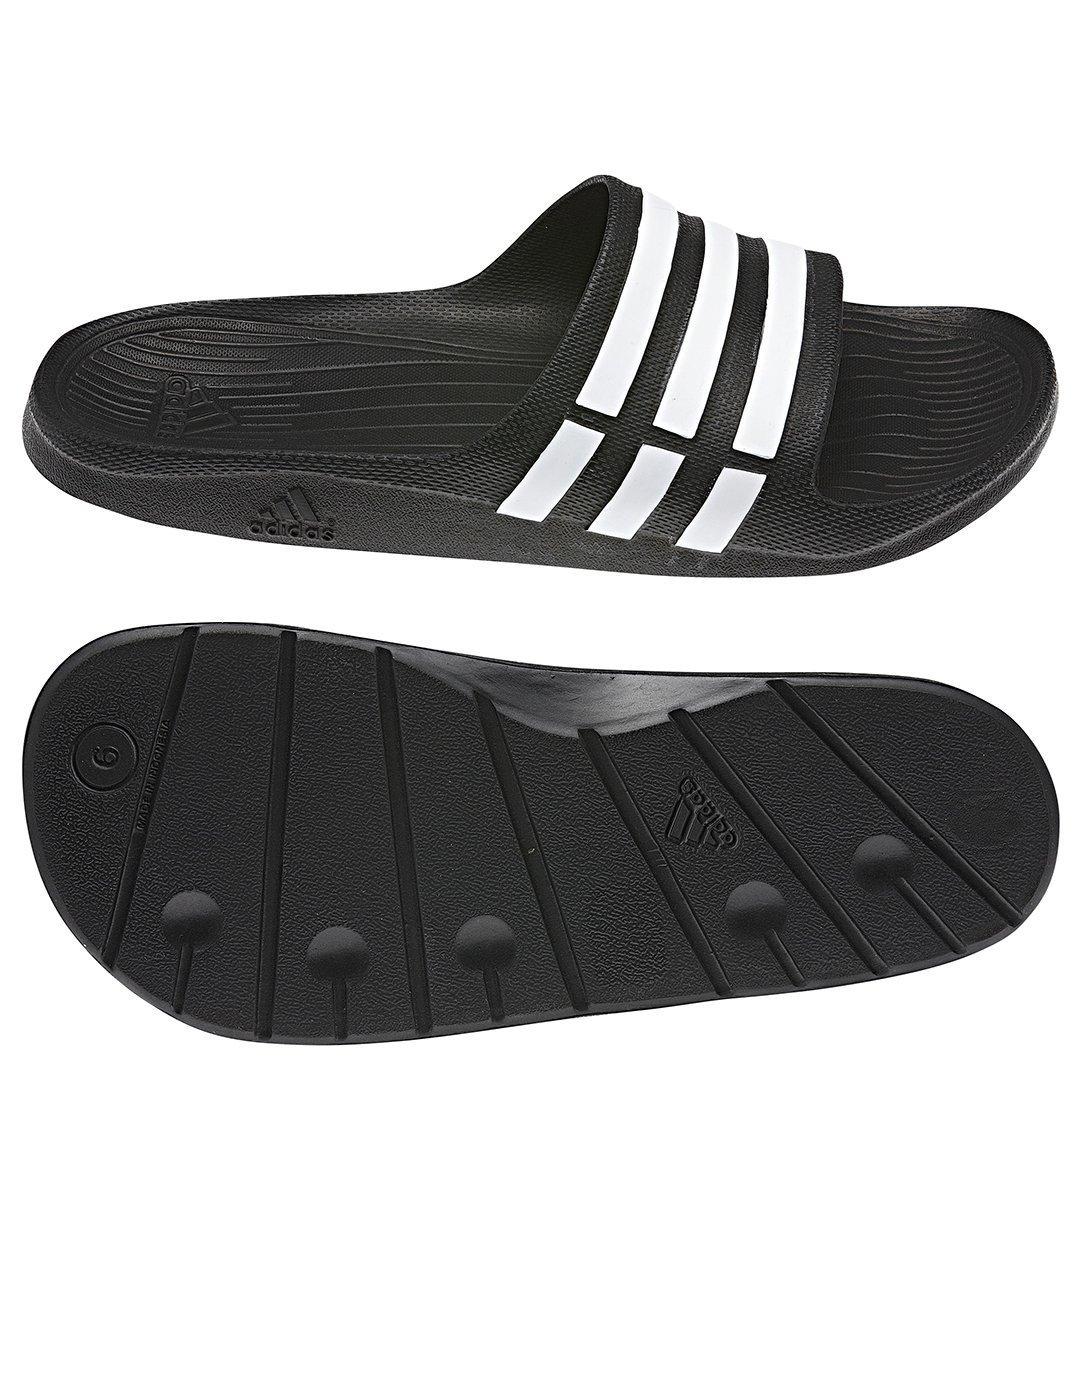 Adidas Badelatschen Duramo Slide Adilette black-white-black (G15890) 39 schwarz 39|noir/blanc/noir